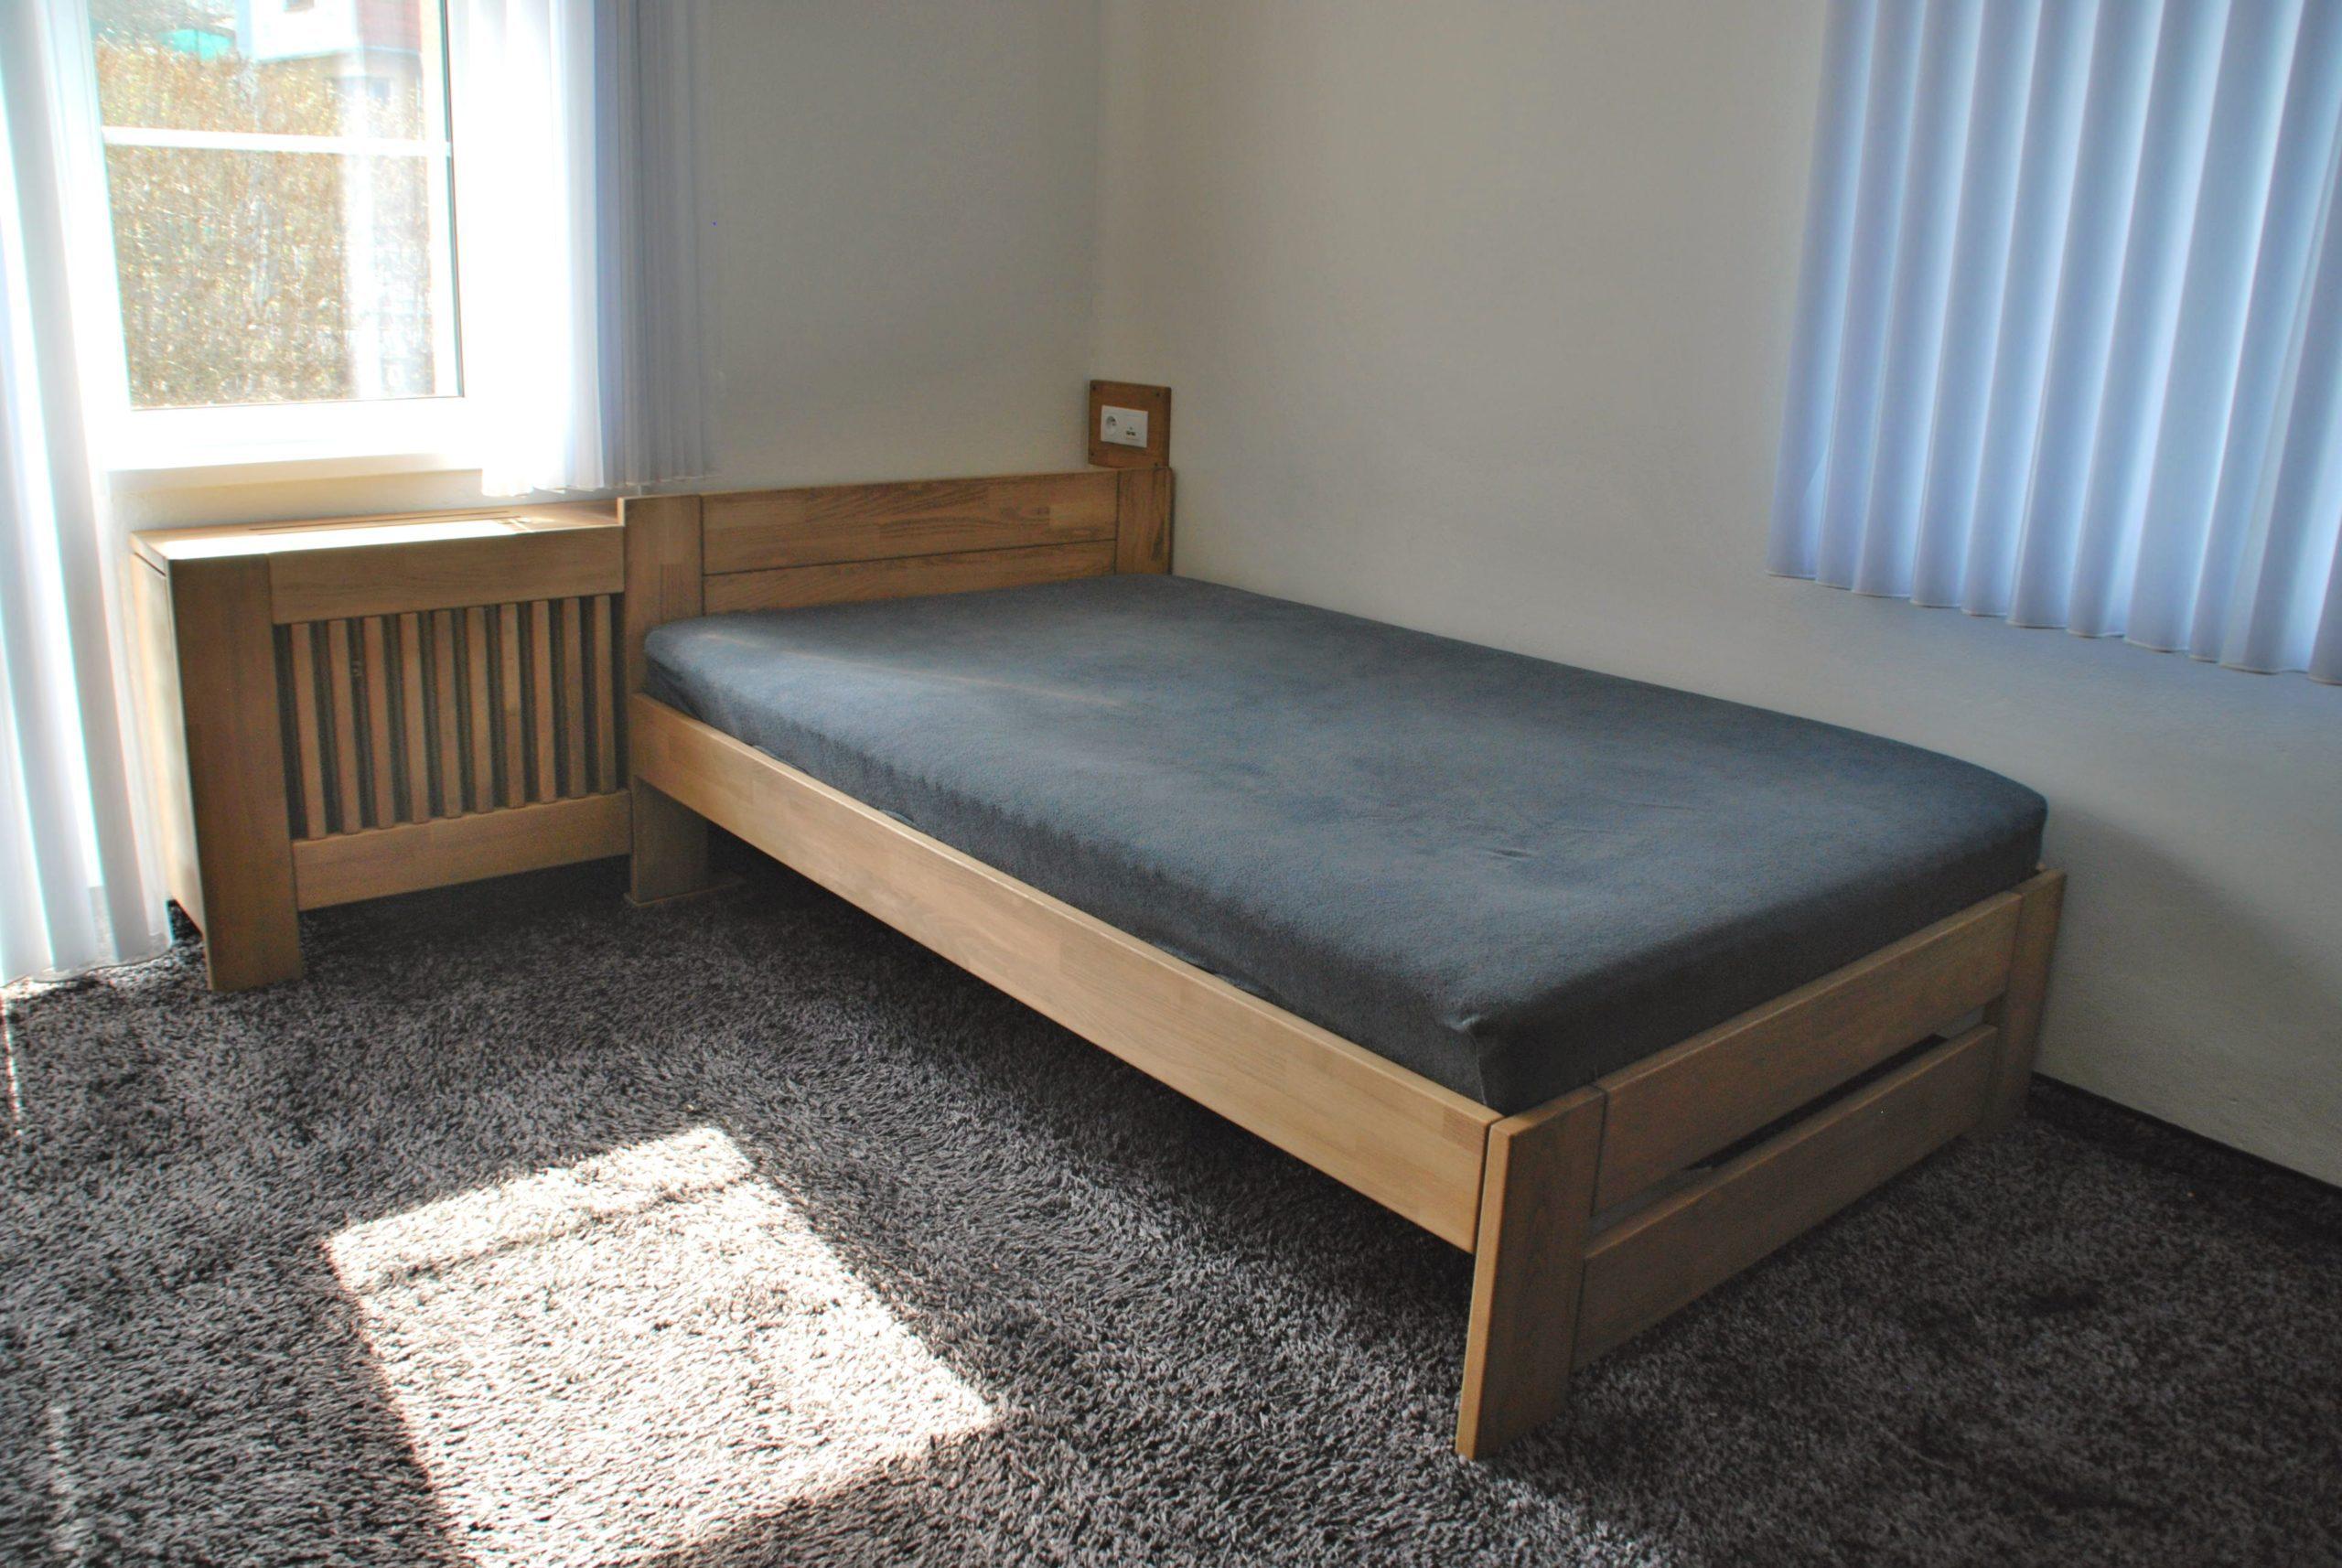 postel na zakázku s čelem na zákryt topení